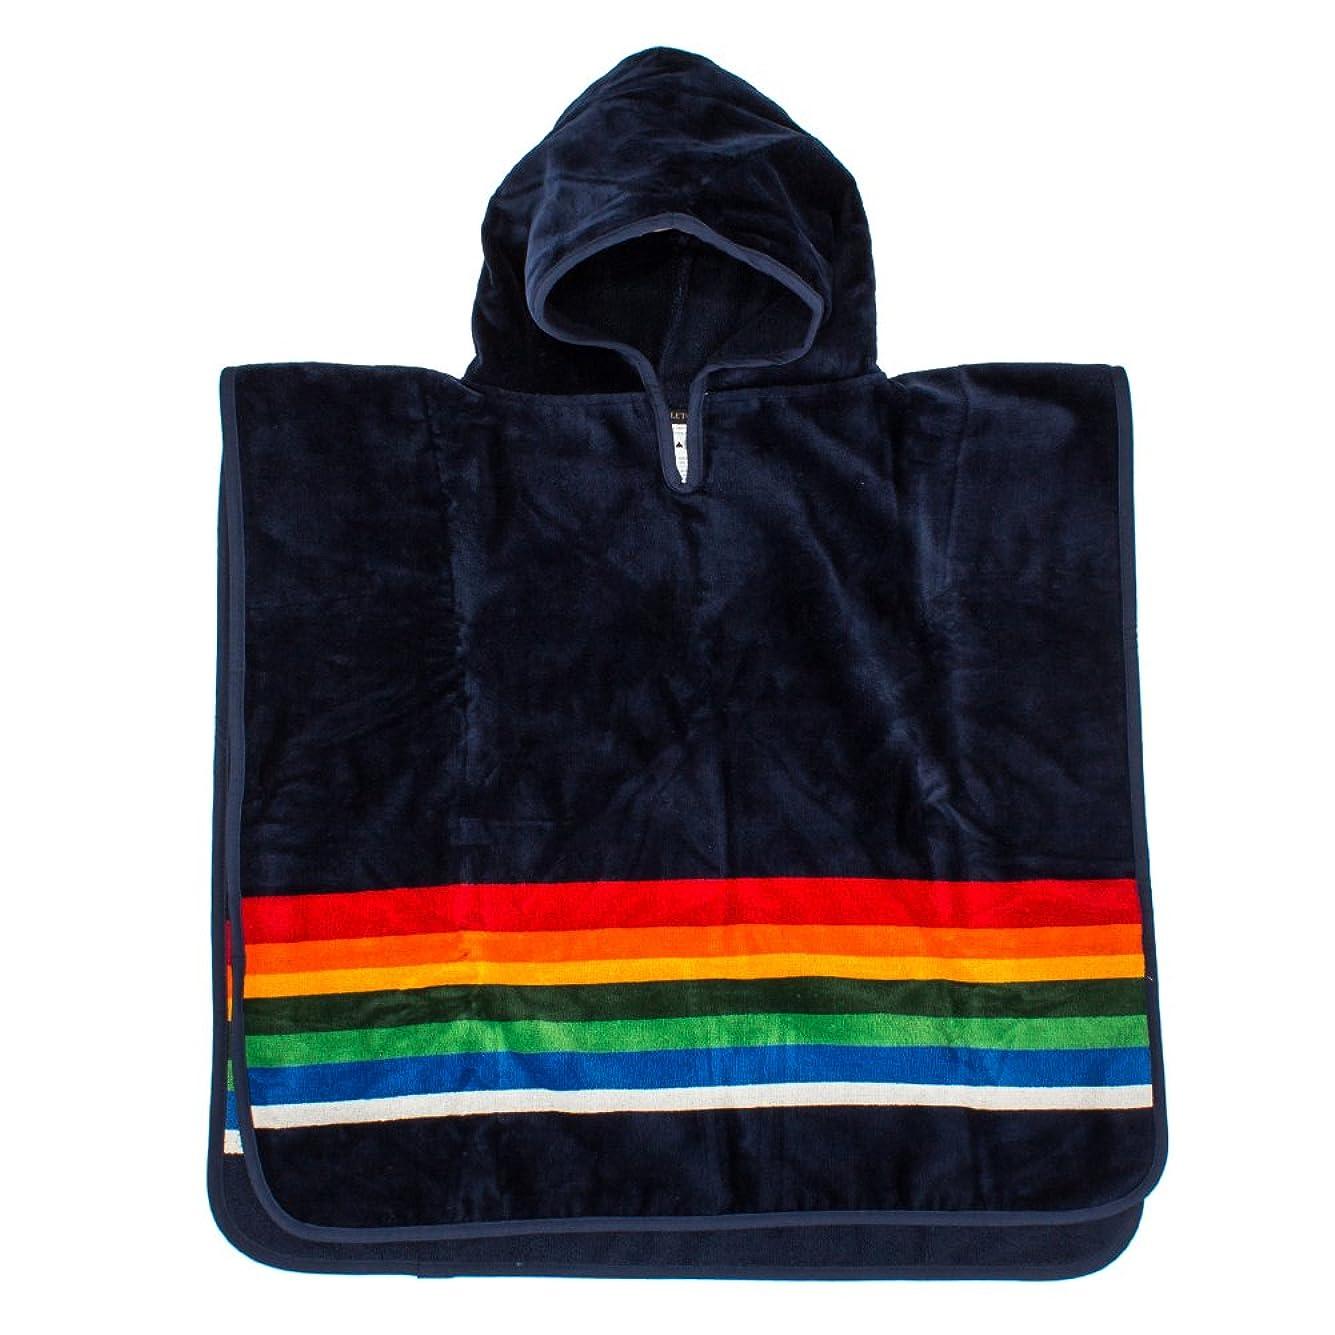 配るパイント荷物[ ペンドルトン ] Pendleton フード付きタオル 子供用 キッズ コットン100% Jacquard Hooded Towels XB243 50738 ネイビー クレーターレイク(50738) Navy Crater Lake タオル お風呂上がり プール [並行輸入品]